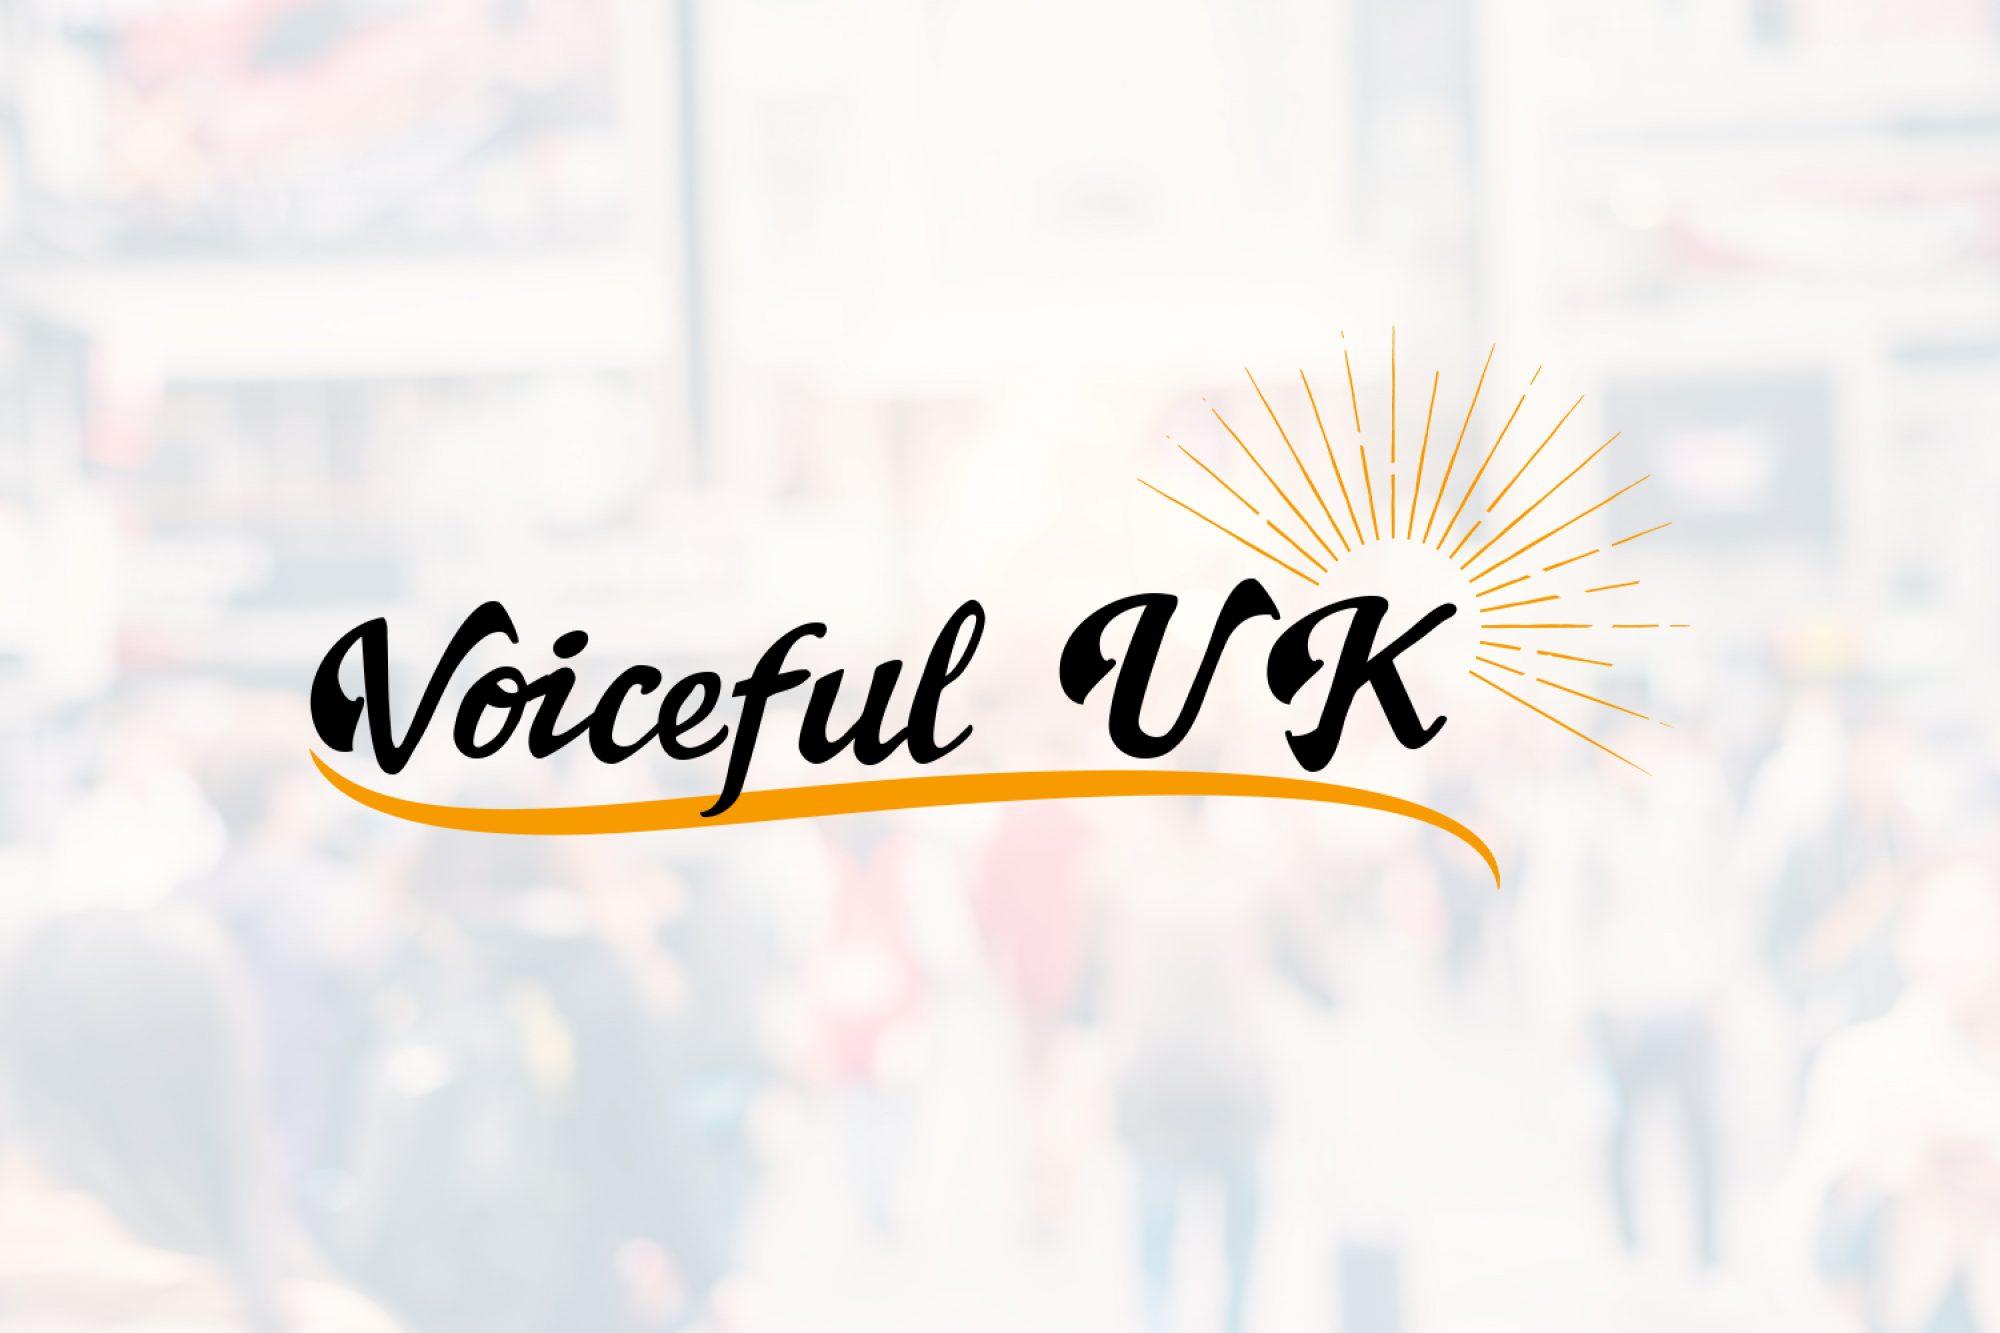 Voiceful UK